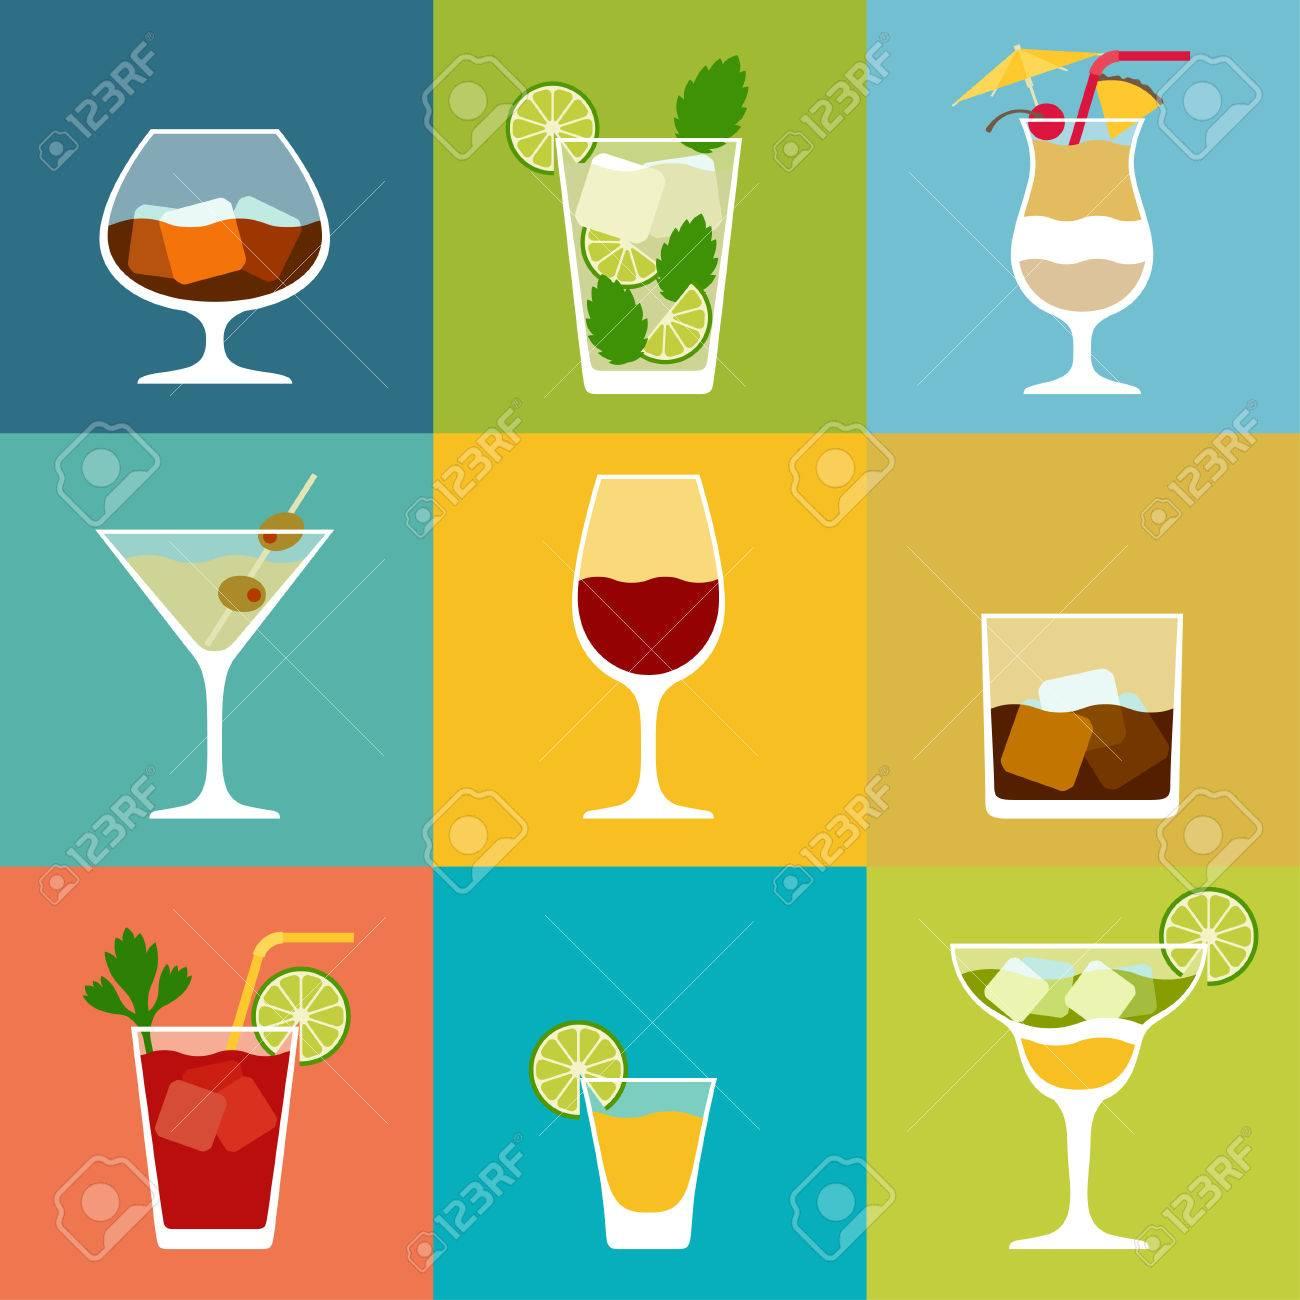 Alkohol Getränke Und Cocktails Symbol Im Flachen Design-Stil Gesetzt ...